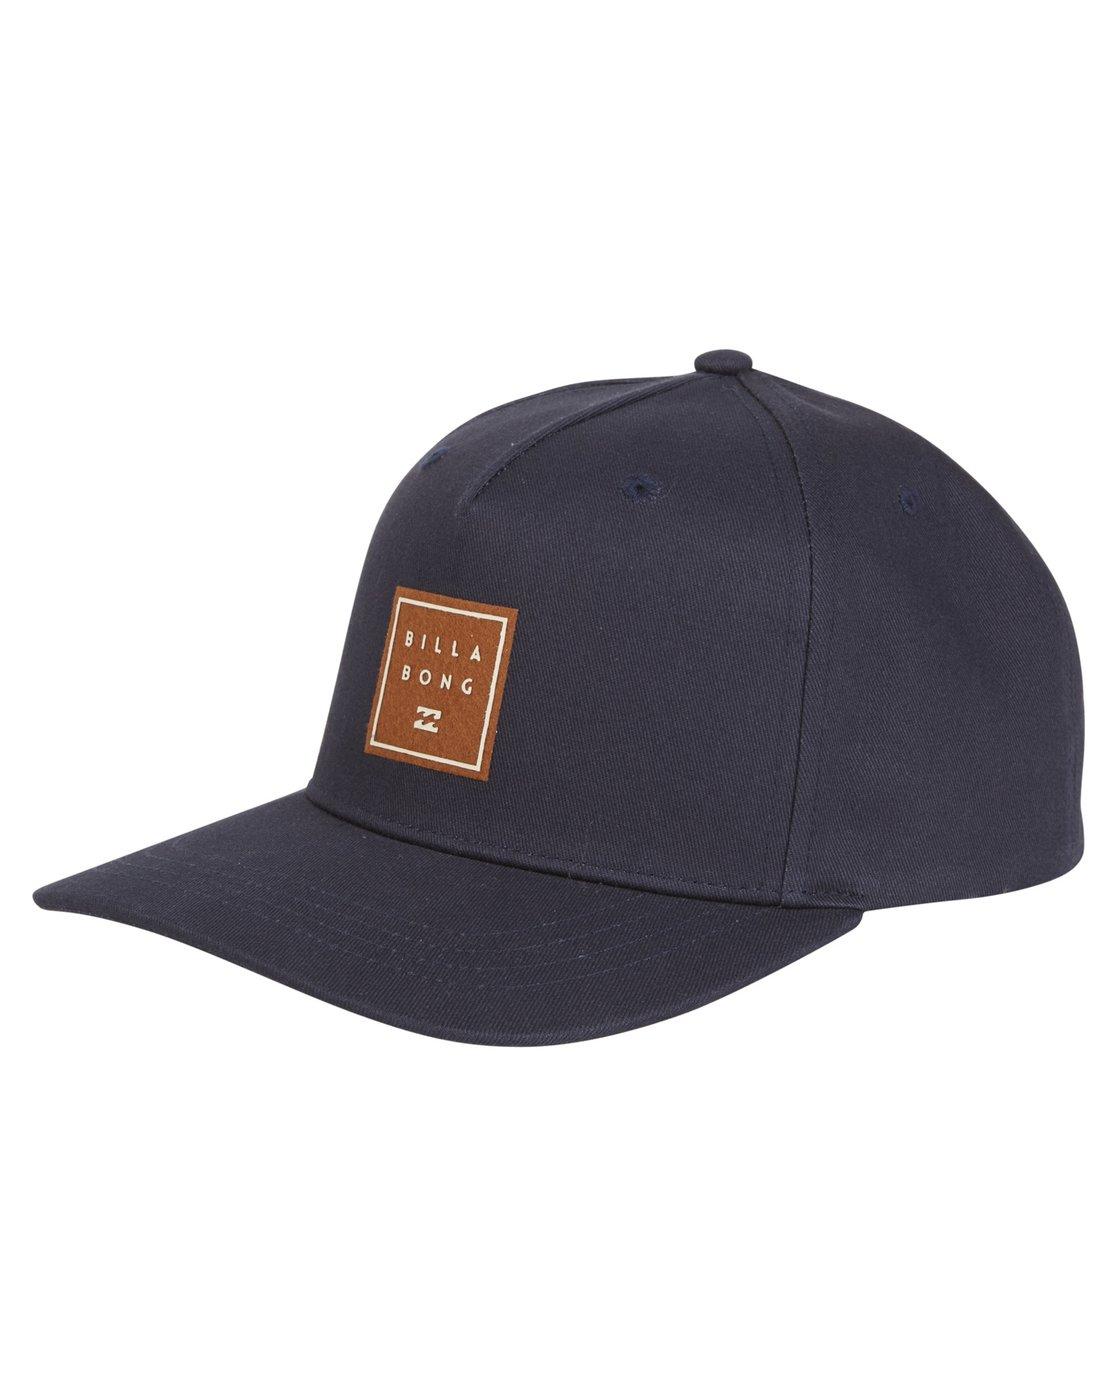 Tan Navy New Billabong All Day Snapback Hat